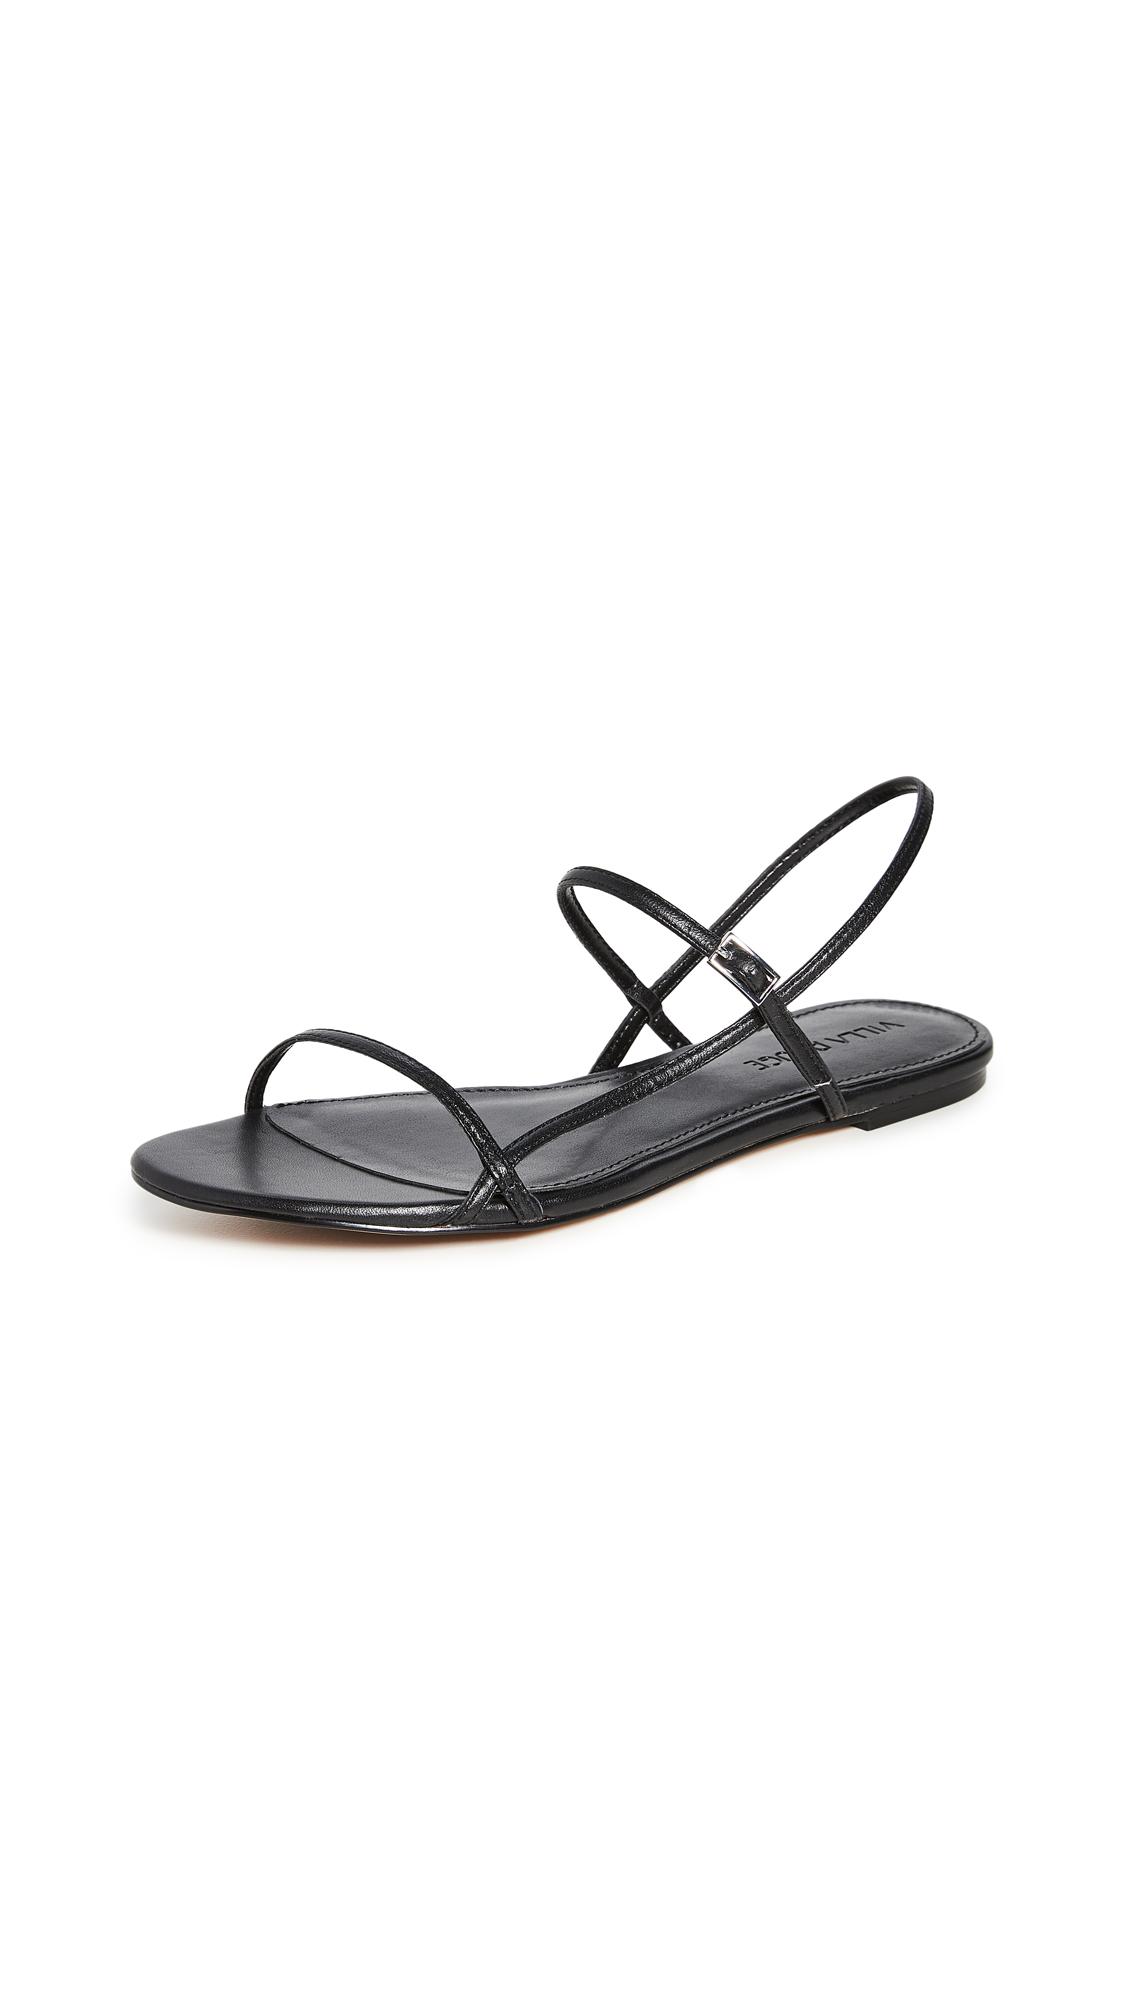 Buy Villa Rouge Porsche Sandals online, shop Villa Rouge